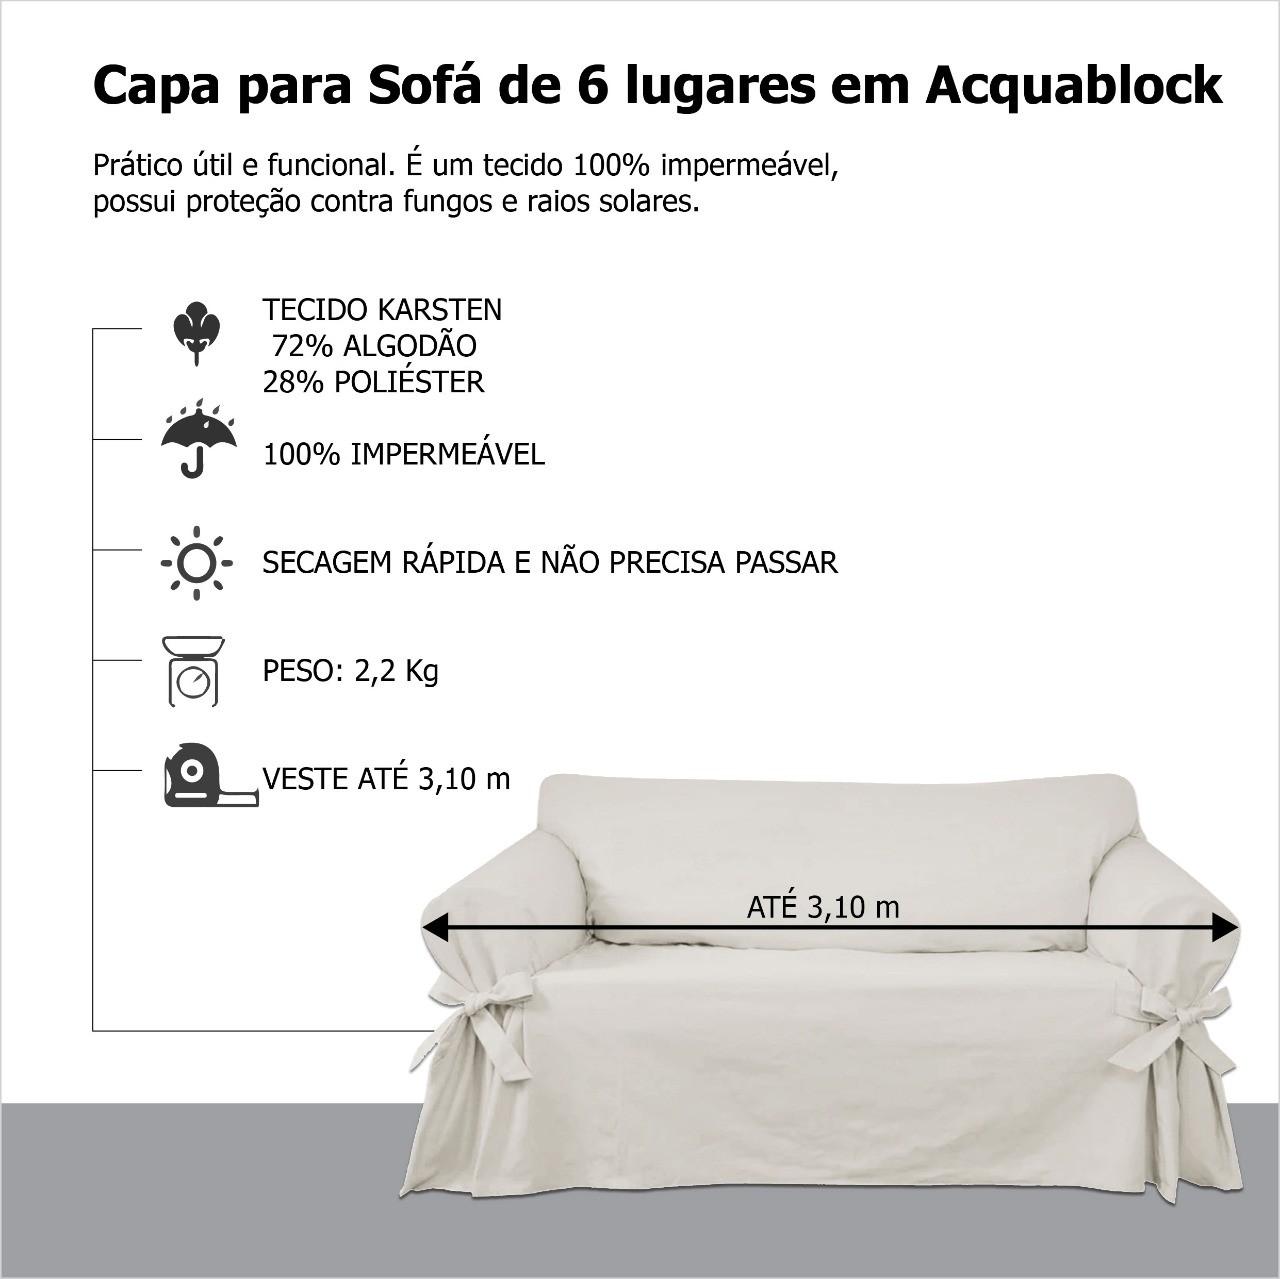 Capa p/ Sofá de 6 Lug GRAFITE em Acquablock Impermeável